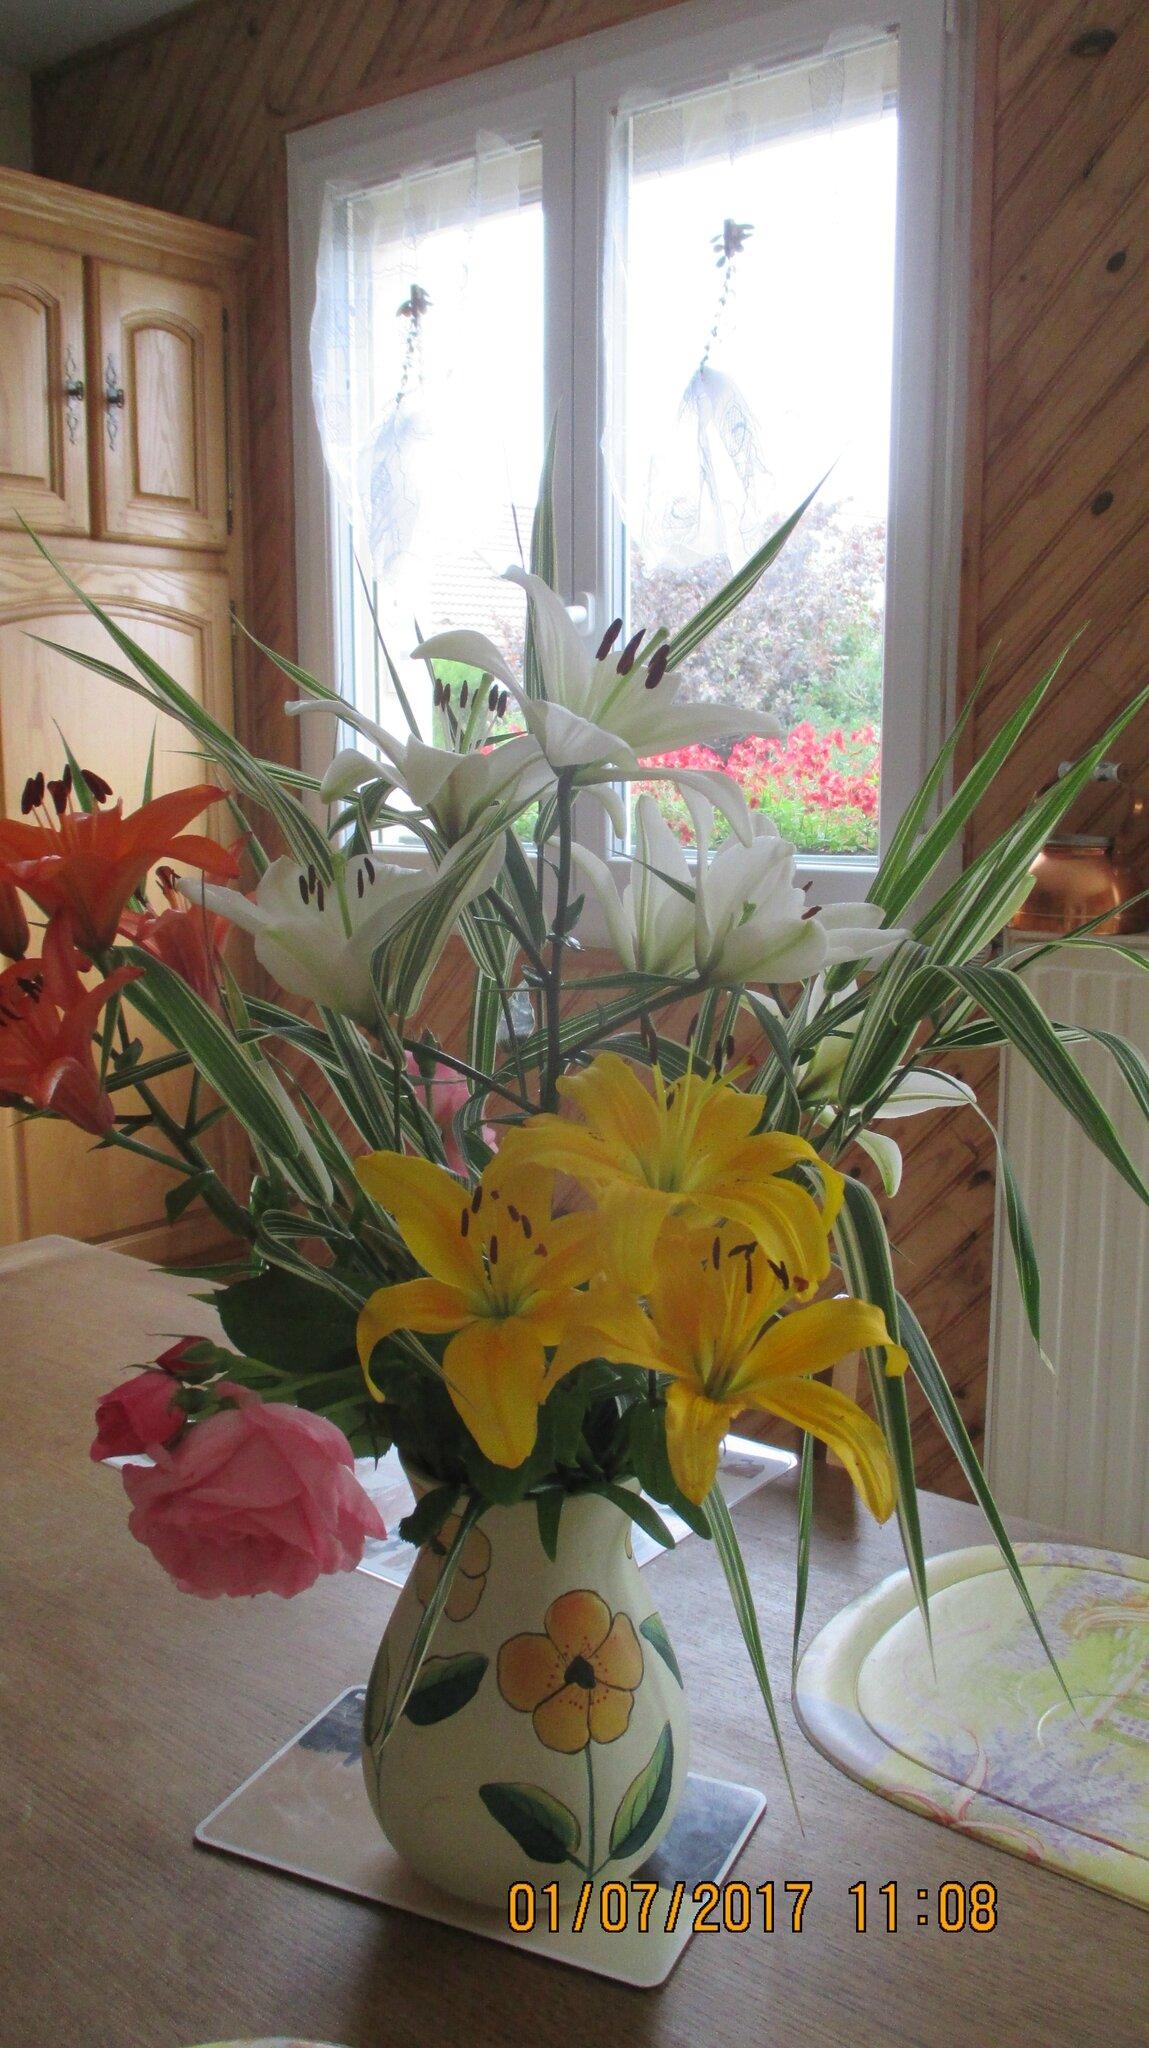 un bouquet de lis pour vous souhaitez une bonne journée,bises, à bientôt avec d'autres photos